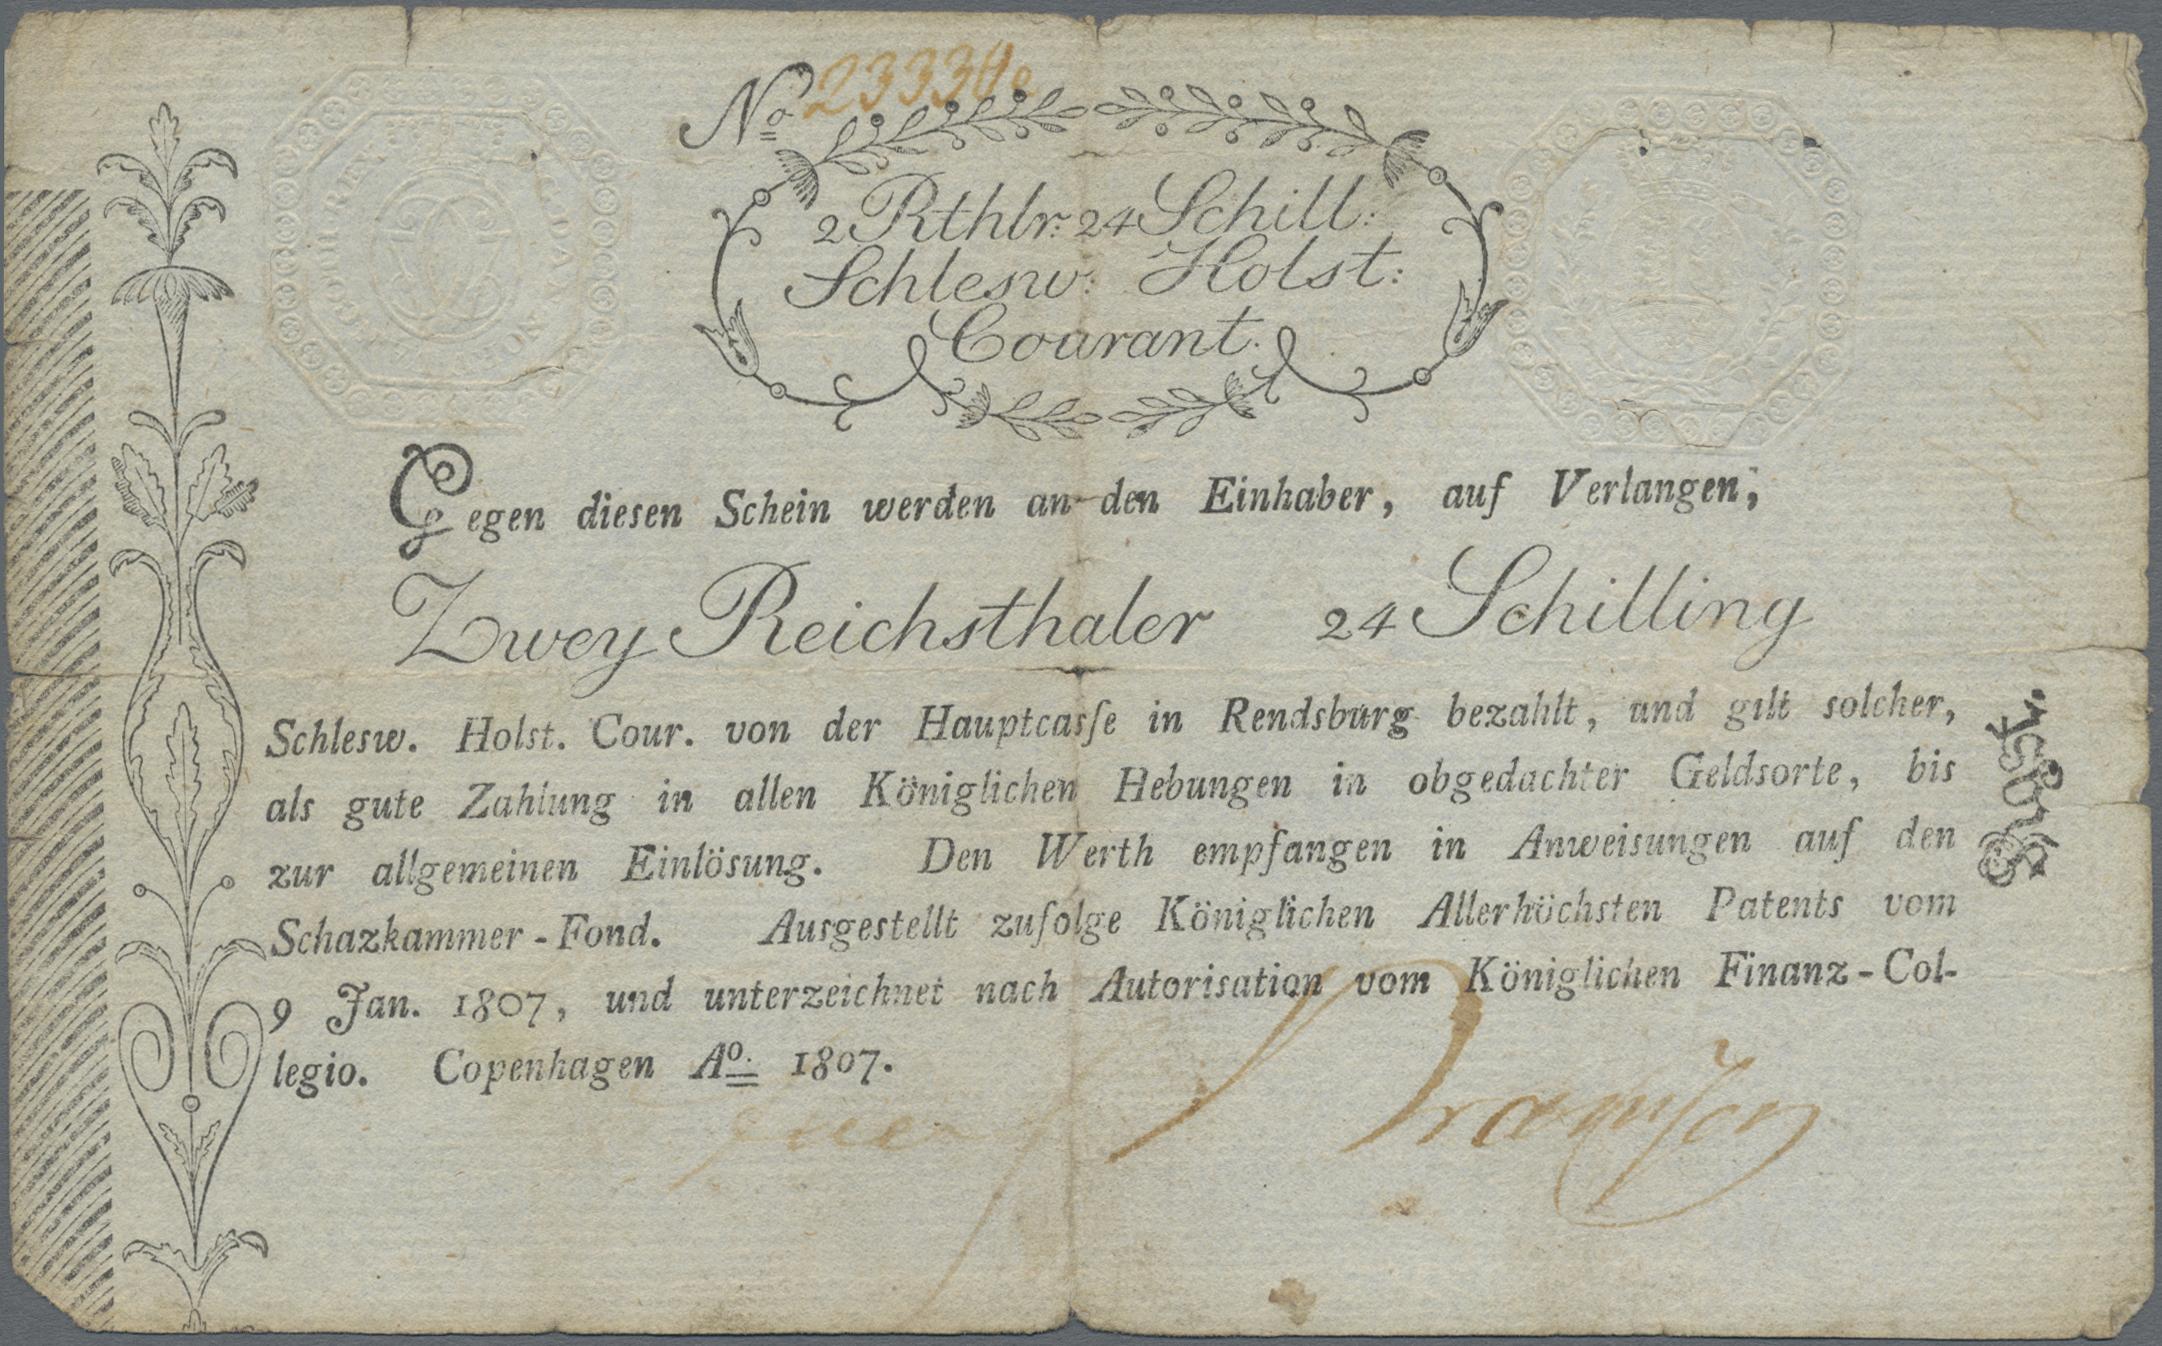 Lot 03310 - Deutschland - Altdeutsche Staaten | Banknoten  -  Auktionshaus Christoph Gärtner GmbH & Co. KG Sale #45 Banknotes Germany/Numismatics